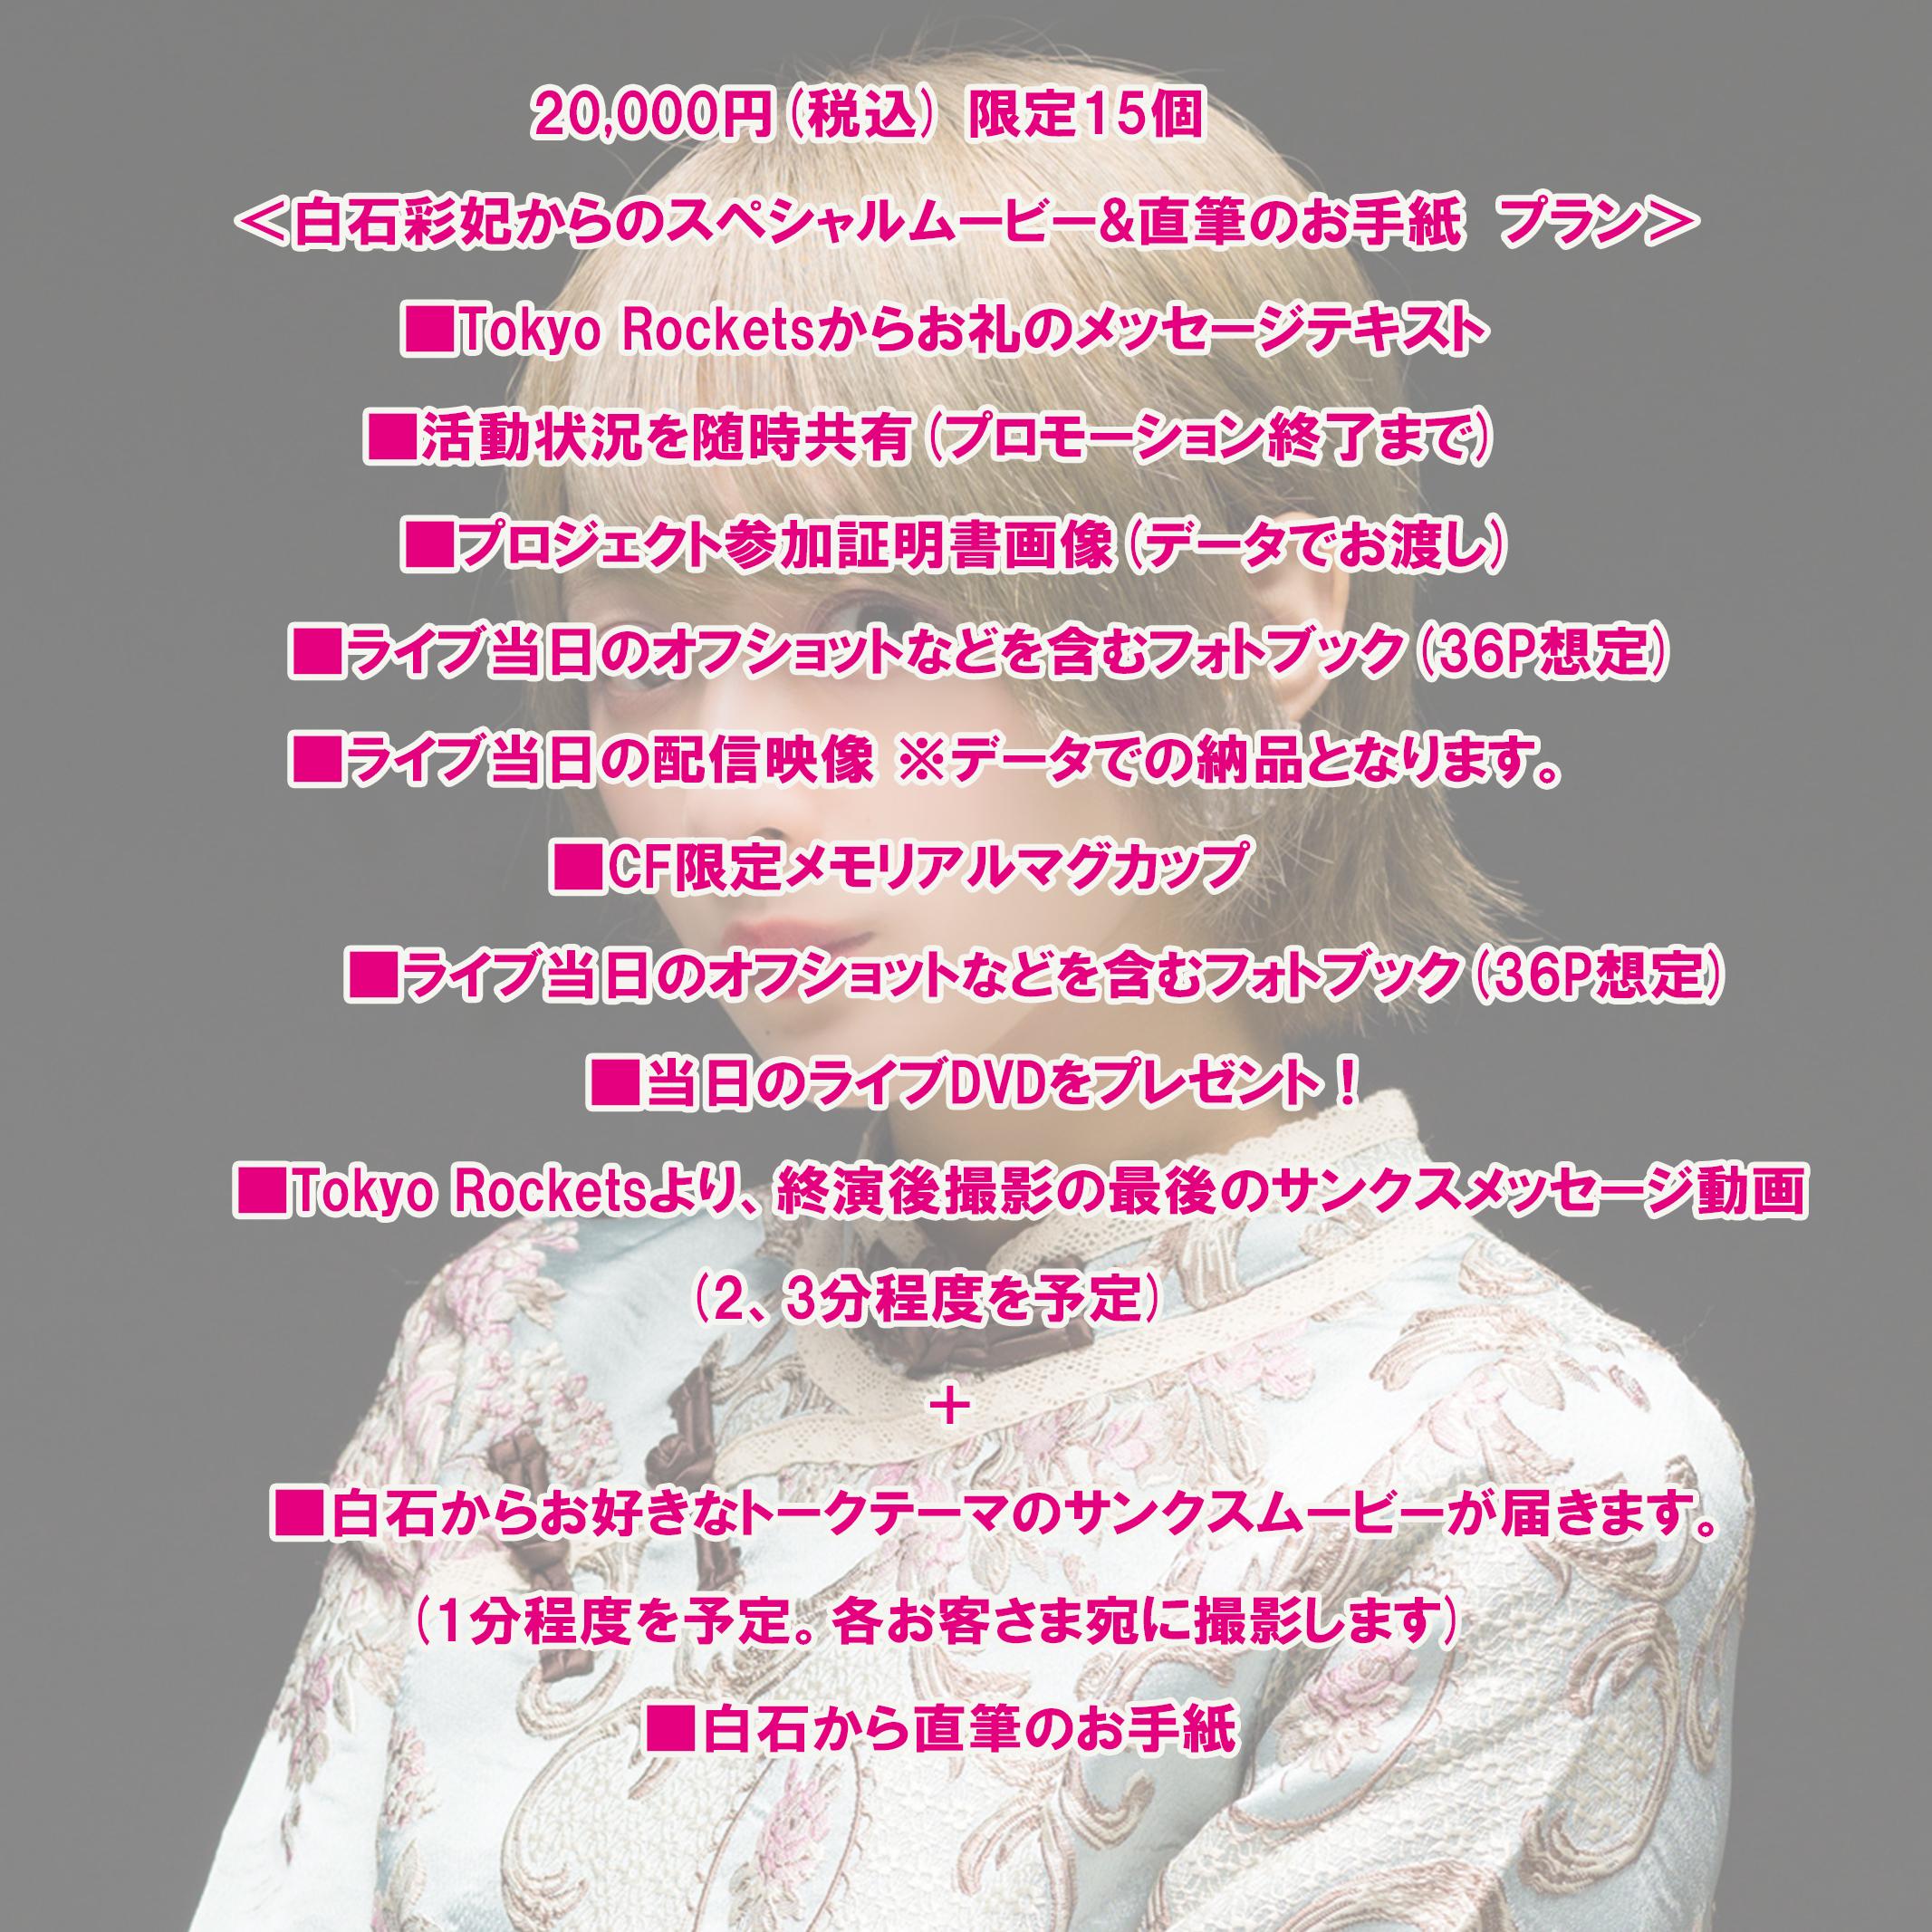 <白石彩妃からのスペシャルムービー&直筆のお手紙 プラン>限定15個